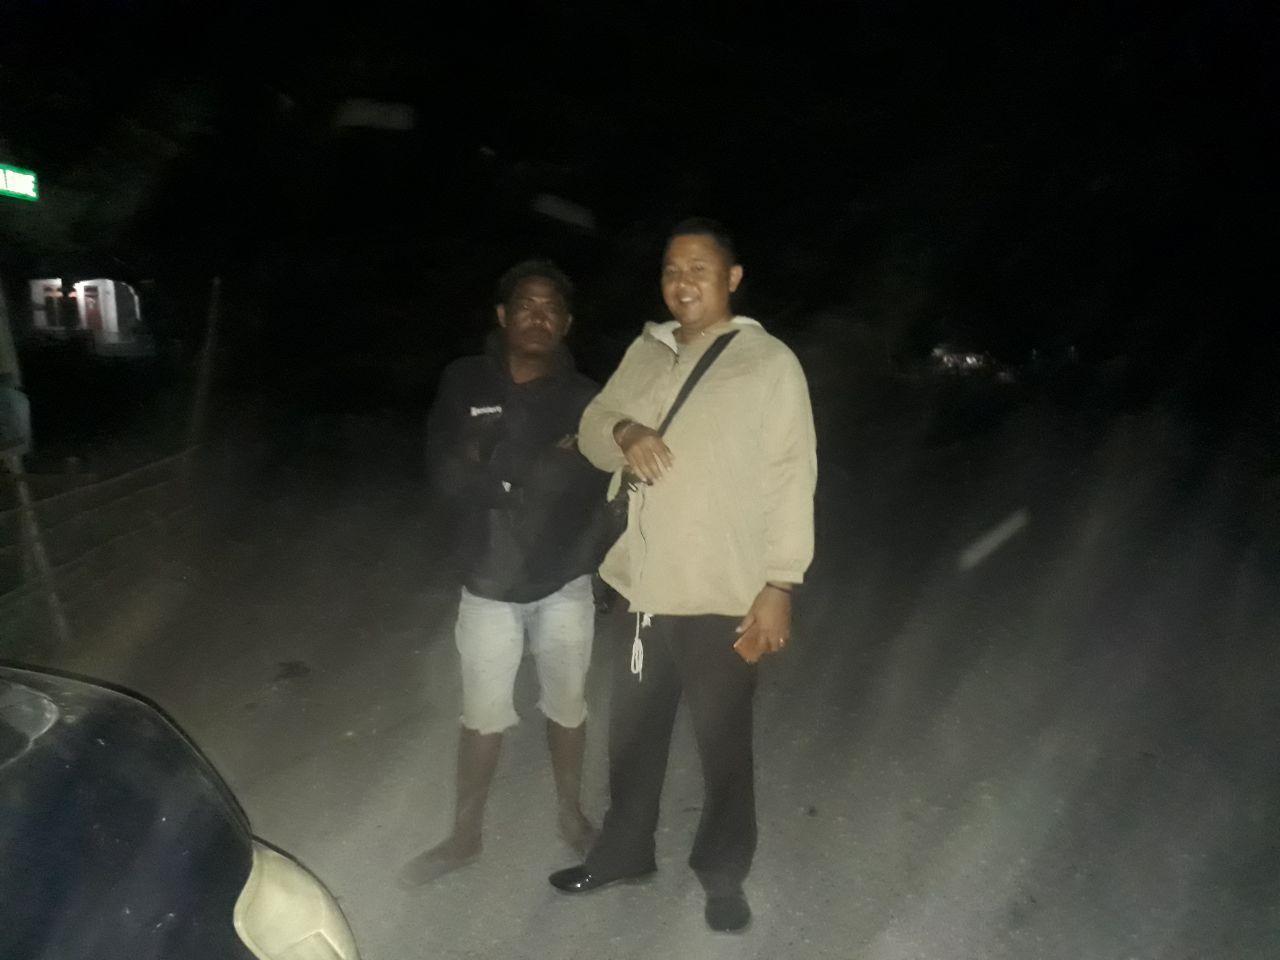 Antisipasi Kejahatan,Polsek Loura Laksanakan Patroli Malam